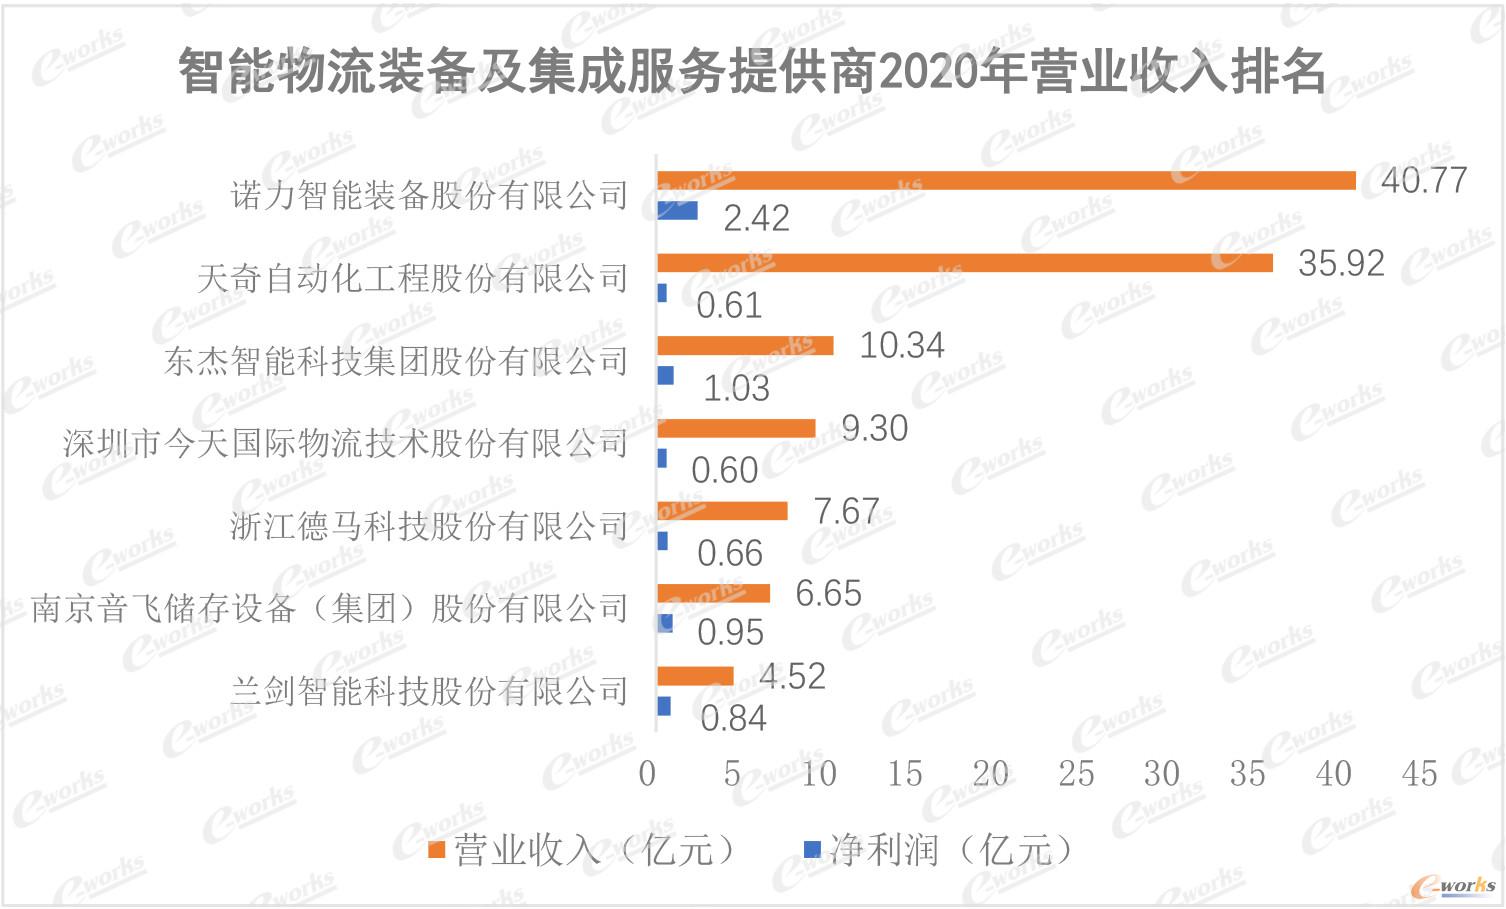 智能物流装备及集成服务提供商2020年营业收入排名